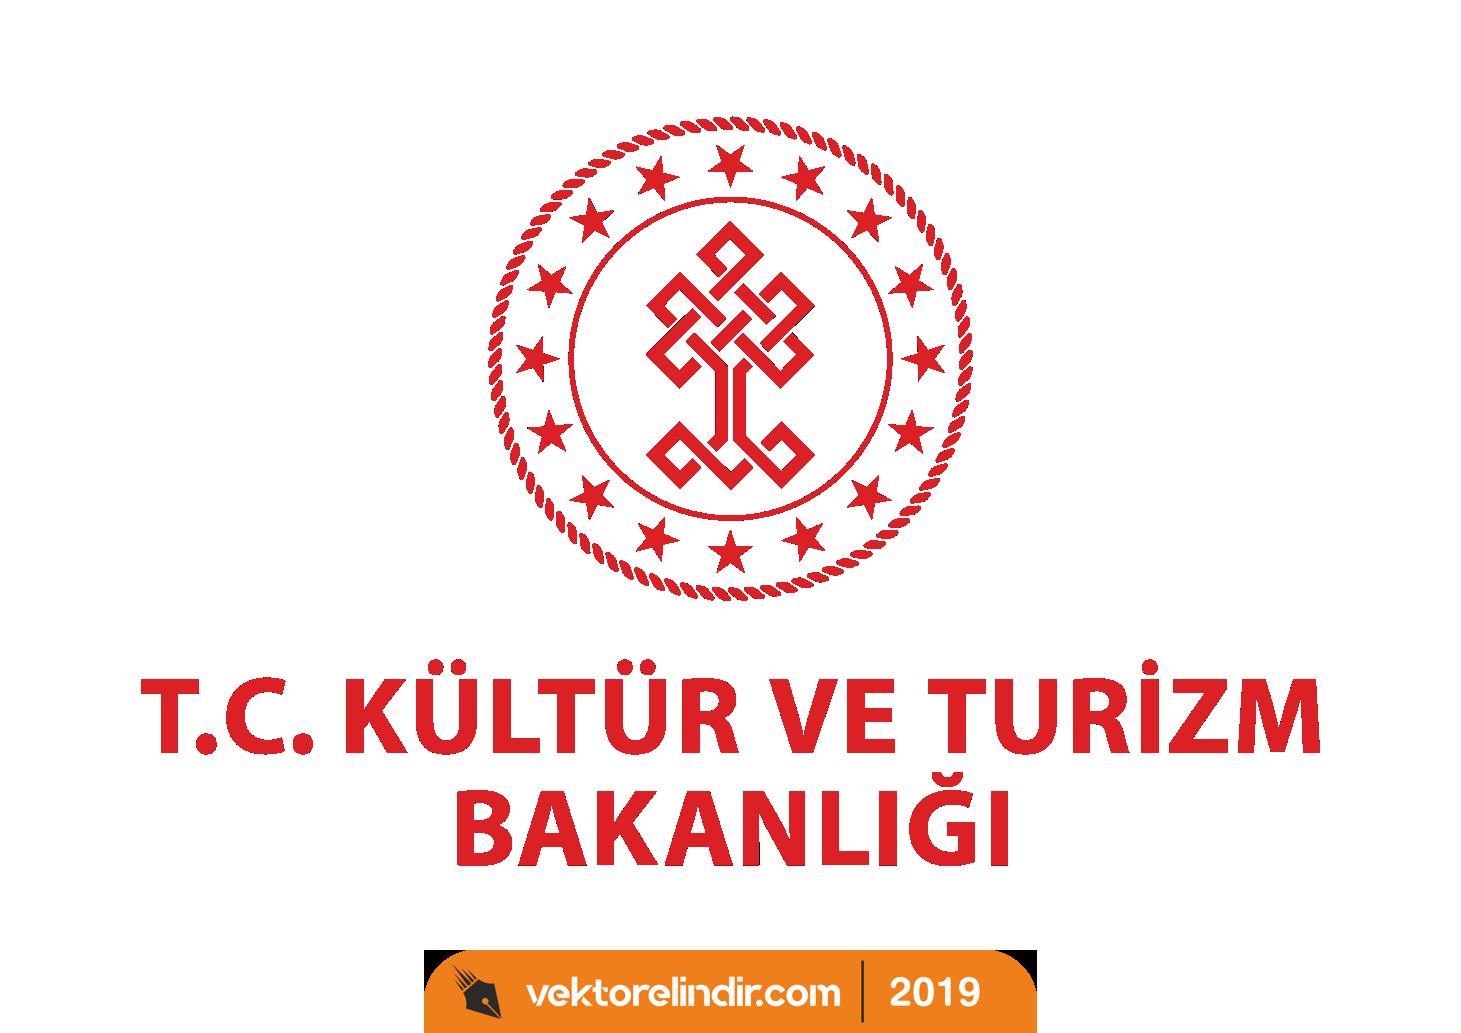 Tc Kültür ve Turizm Bakanlığı_Yeni_Png_Logo_4